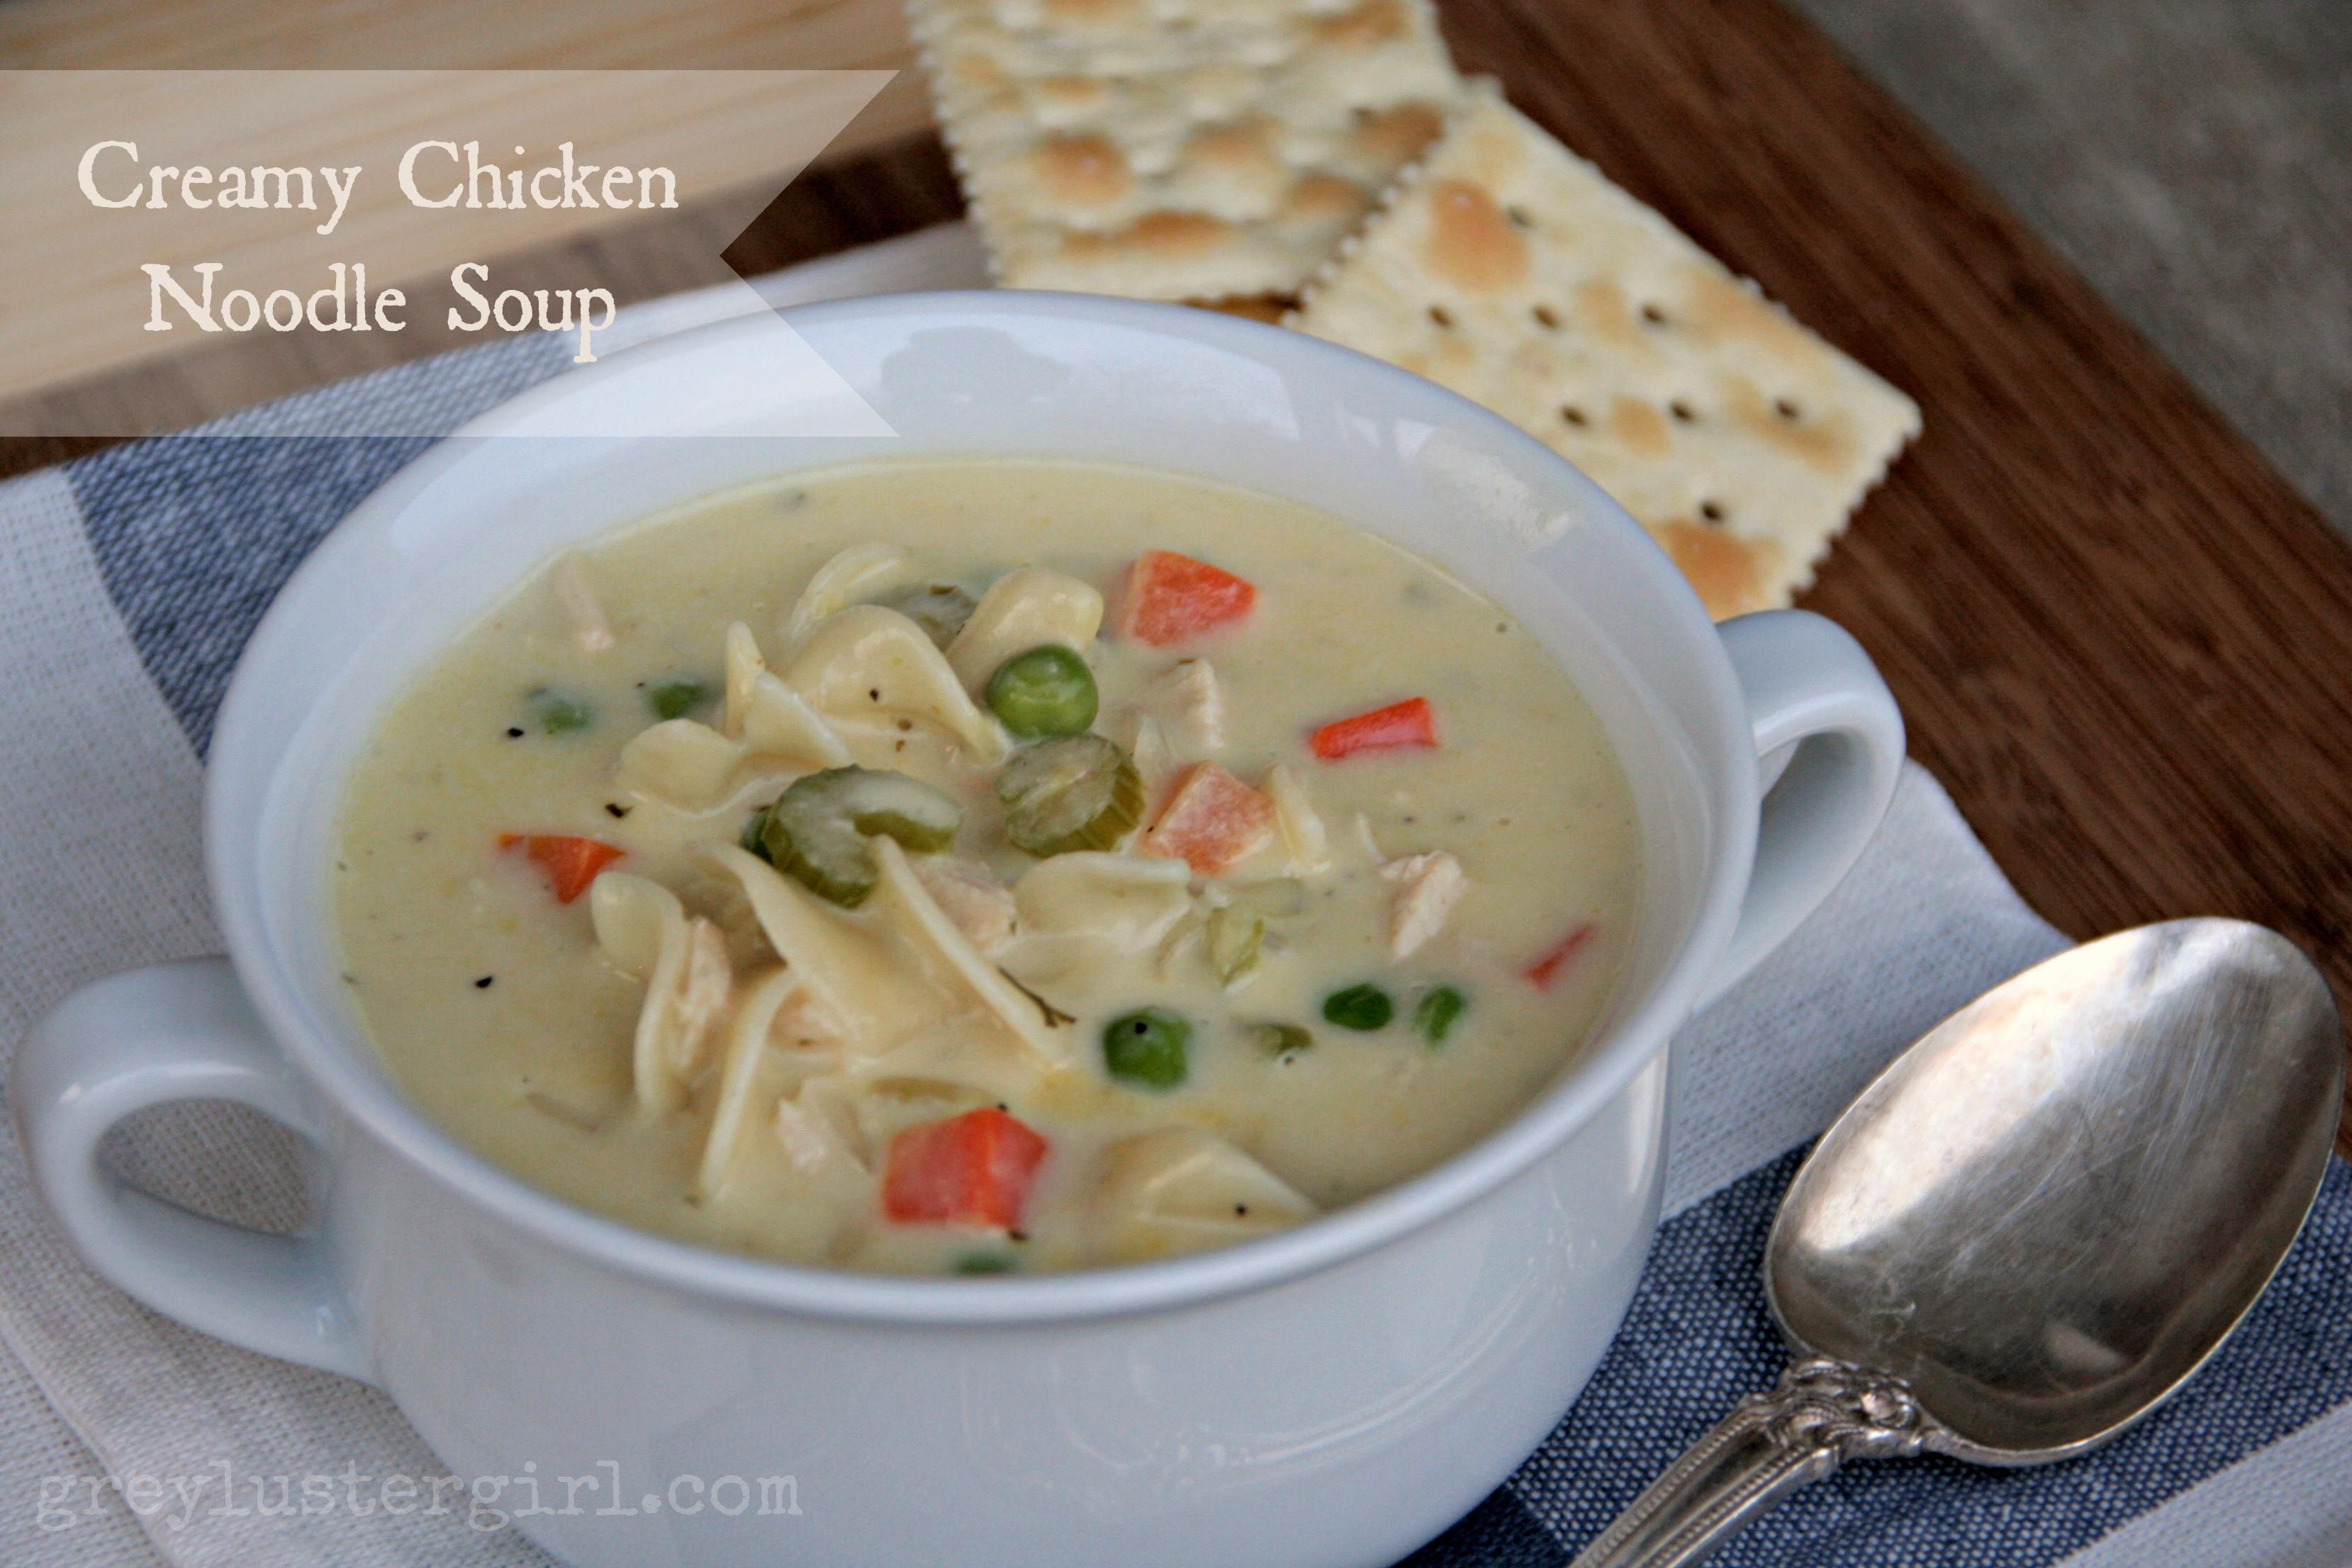 Creamy Chicken Soup Recipe  Creamy Chicken Noodle Soup